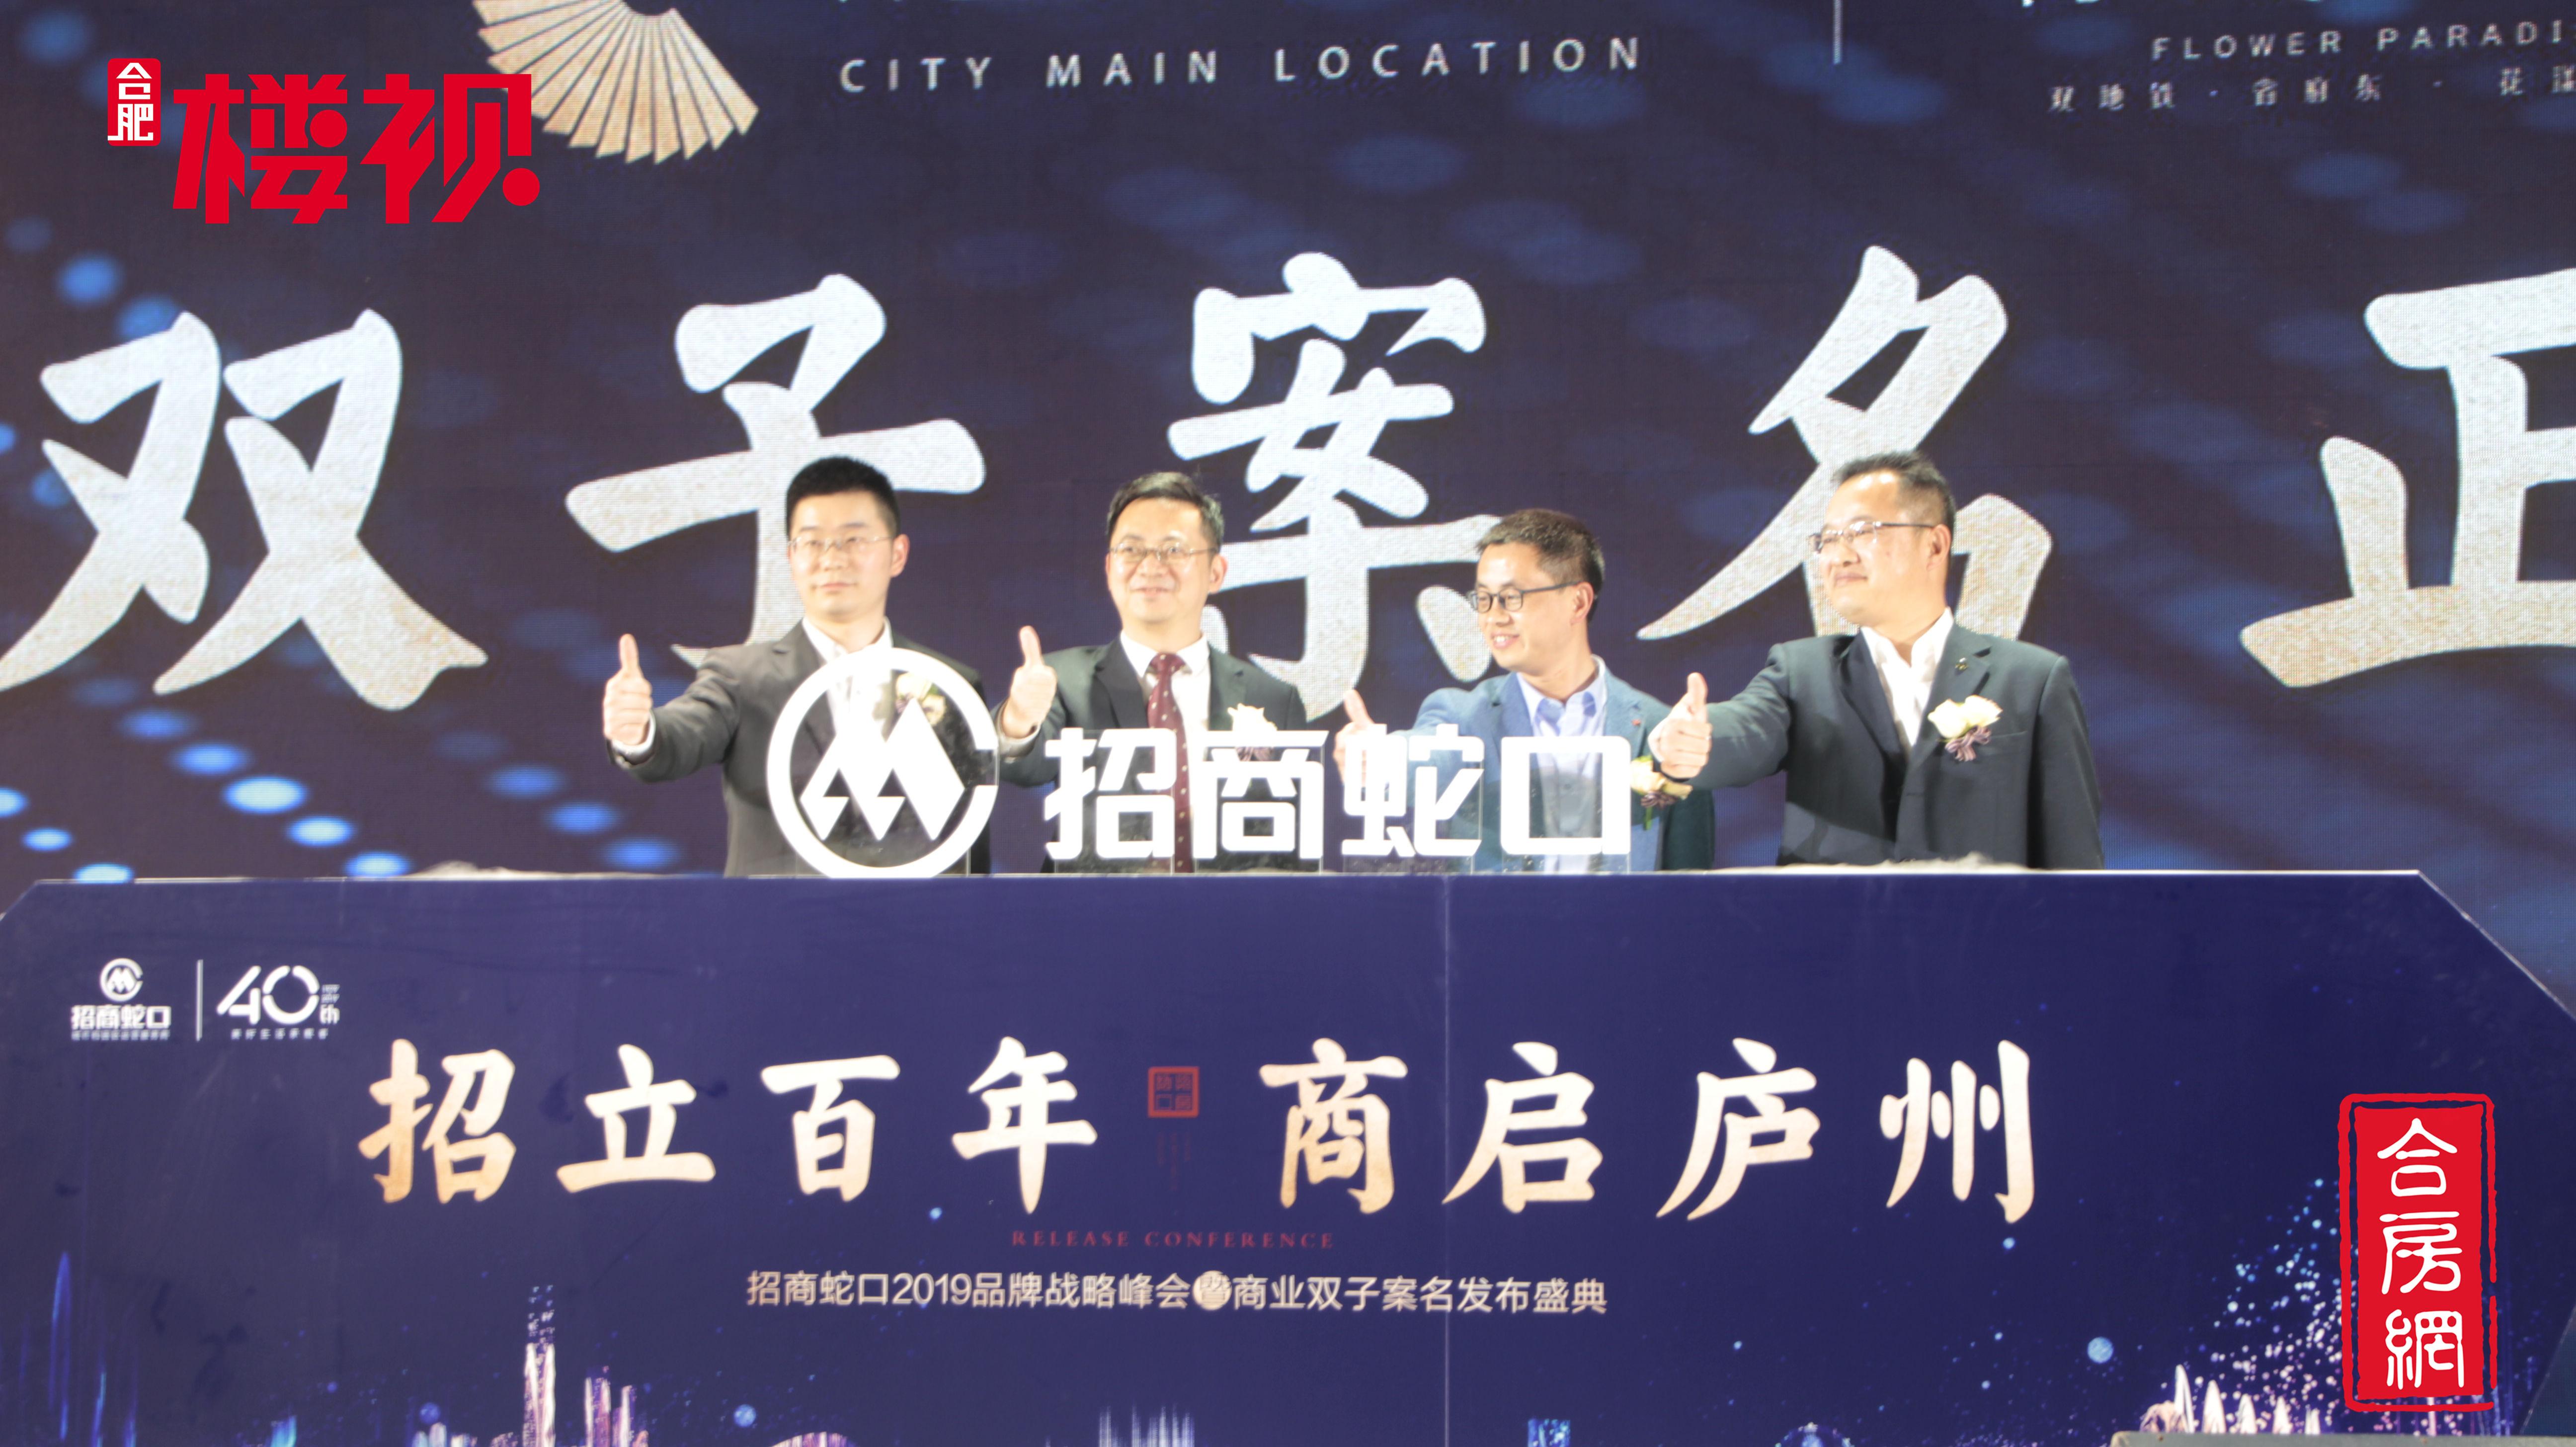 招商蛇口2019品牌战略峰会暨商业双子案名发布盛典